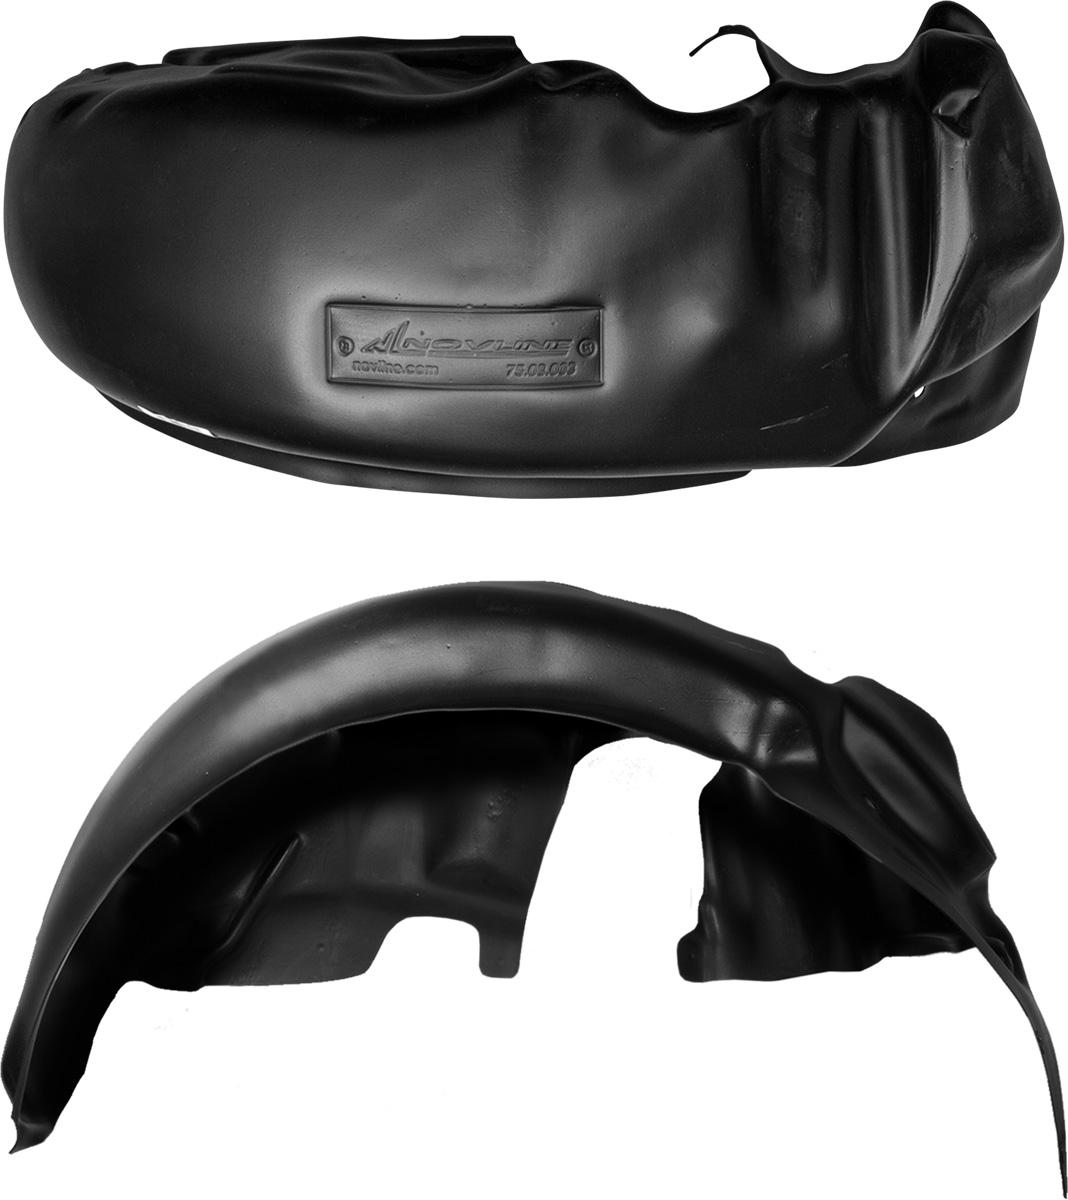 Подкрылок Novline-Autofamily, для Fiat Ducato, 2006-2012, передний правыйNLL.15.10.002Колесные ниши - одни из самых уязвимых зон днища вашего автомобиля. Они постоянно подвергаются воздействию со стороны дороги. Лучшая, почти абсолютная защита для них - специально отформованные пластиковые кожухи, которые называются подкрылками. Производятся они как для отечественных моделей автомобилей, так и для иномарок. Подкрылки Novline-Autofamily выполнены из высококачественного, экологически чистого пластика. Обеспечивают надежную защиту кузова автомобиля от пескоструйного эффекта и негативного влияния, агрессивных антигололедных реагентов. Пластик обладает более низкой теплопроводностью, чем металл, поэтому в зимний период эксплуатации использование пластиковых подкрылков позволяет лучше защитить колесные ниши от налипания снега и образования наледи. Оригинальность конструкции подчеркивает элегантность автомобиля, бережно защищает нанесенное на днище кузова антикоррозийное покрытие и позволяет осуществить крепление подкрылков внутри колесной арки практически без дополнительного крепежа и сверления, не нарушая при этом лакокрасочного покрытия, что предотвращает возникновение новых очагов коррозии. Подкрылки долговечны, обладают высокой прочностью и сохраняют заданную форму, а также все свои физико-механические характеристики в самых тяжелых климатических условиях (от -50°С до +50°С).Уважаемые клиенты!Обращаем ваше внимание, на тот факт, что подкрылок имеет форму, соответствующую модели данного автомобиля. Фото служит для визуального восприятия товара.